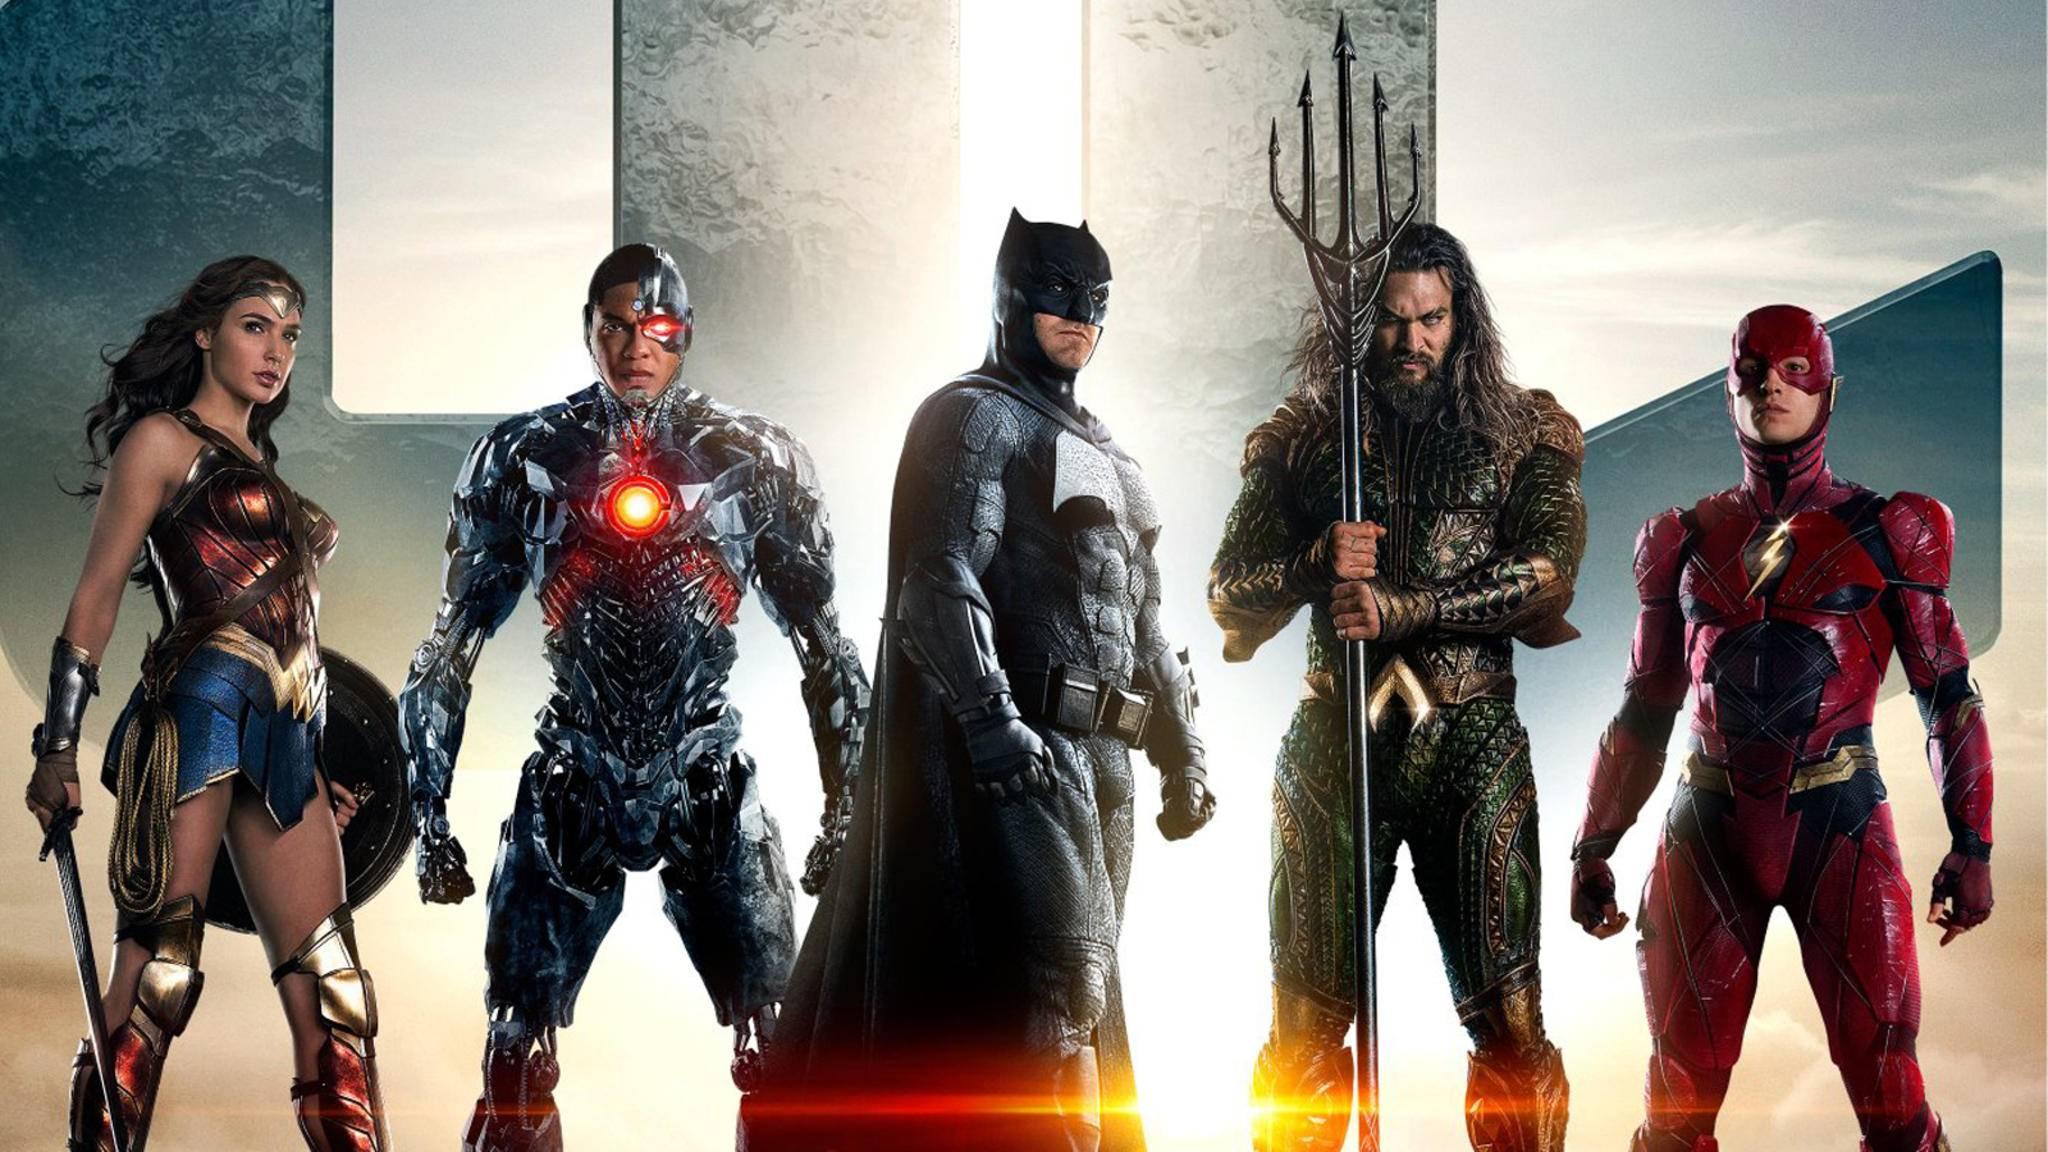 Zack Snyder lässt die Justice League noch einmal antreten – auf seine Art.